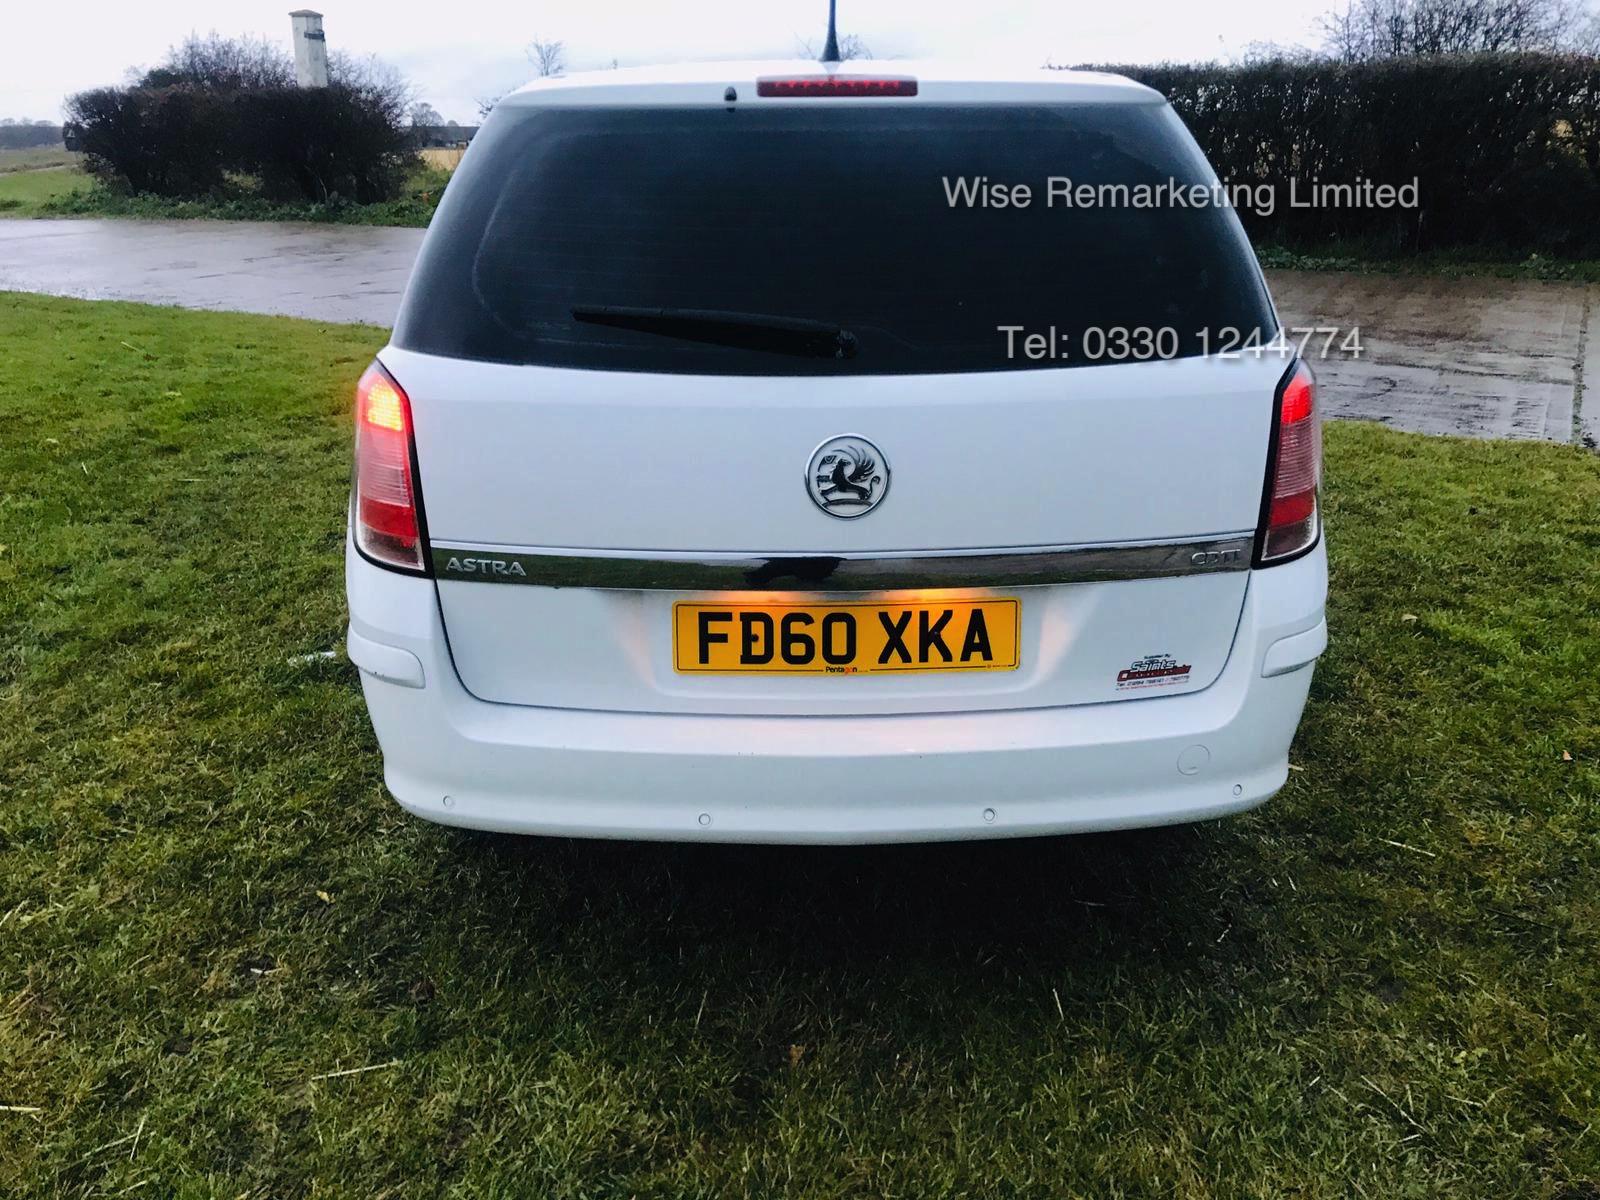 Vauxhall Astra Van 1.3 CDTi - 2011 Model - 5 Seater Crew Van - SAVE 20% NO VAT - Image 2 of 15